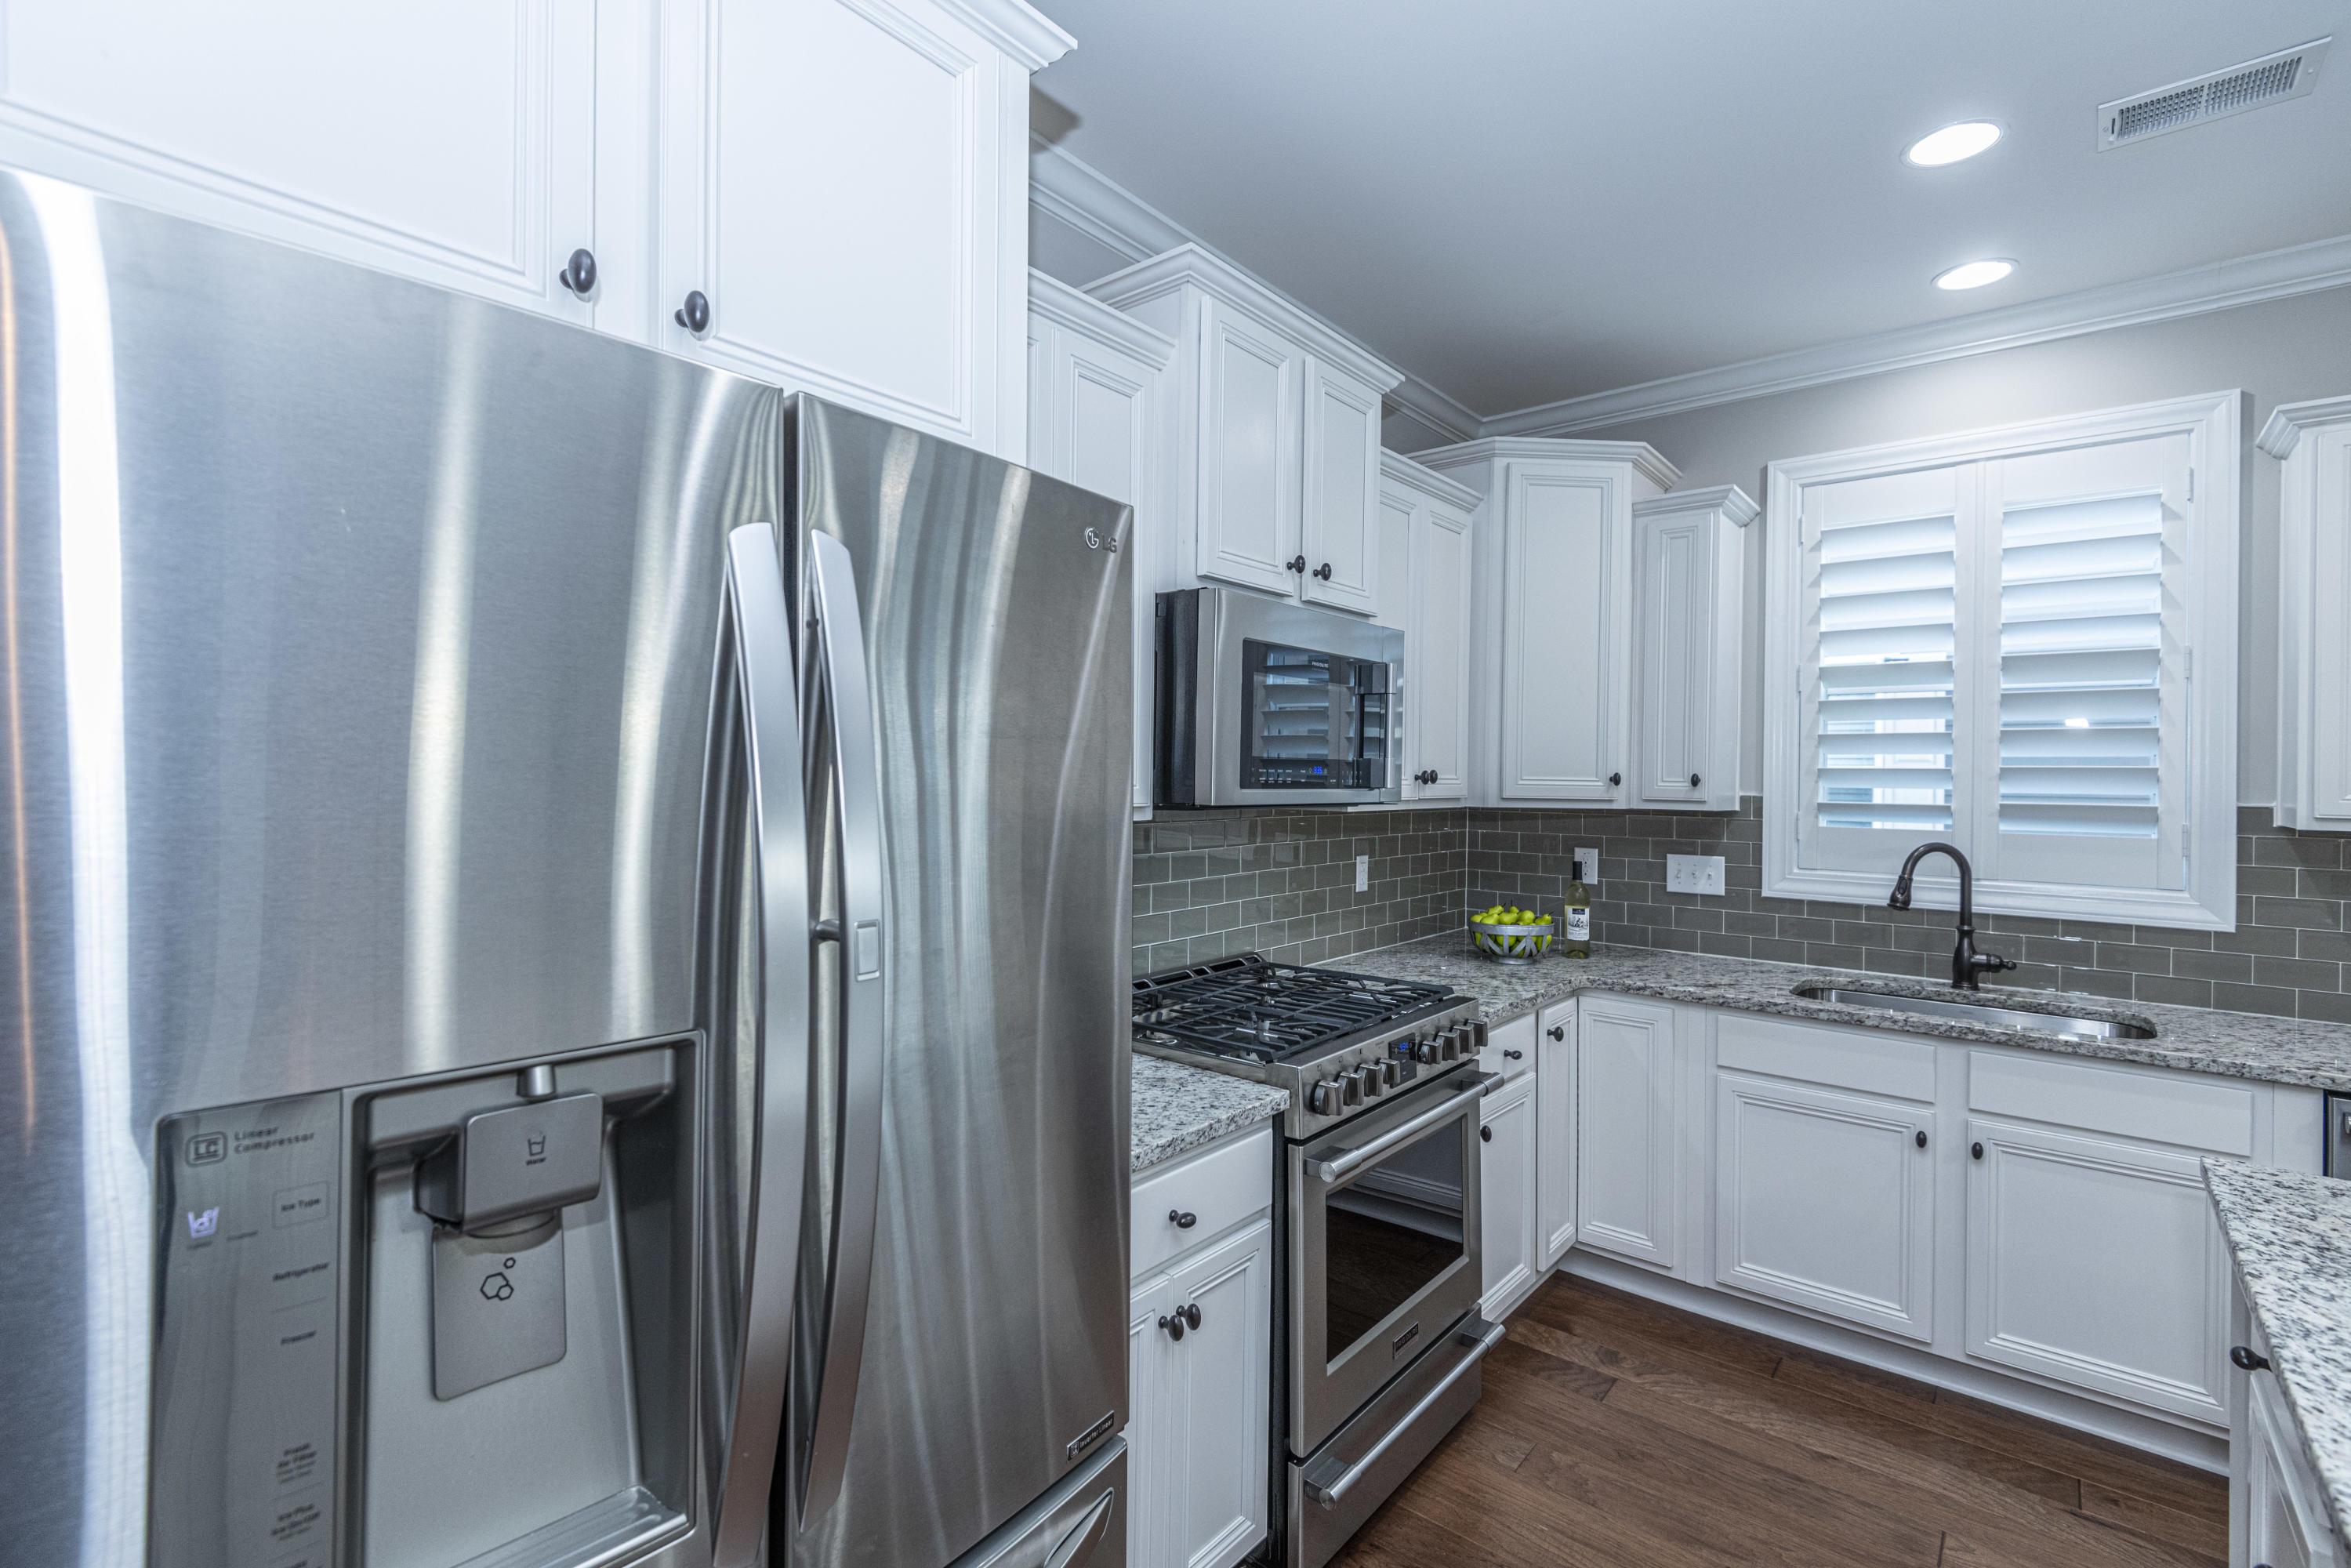 Park West Homes For Sale - 2667 Park West, Mount Pleasant, SC - 7